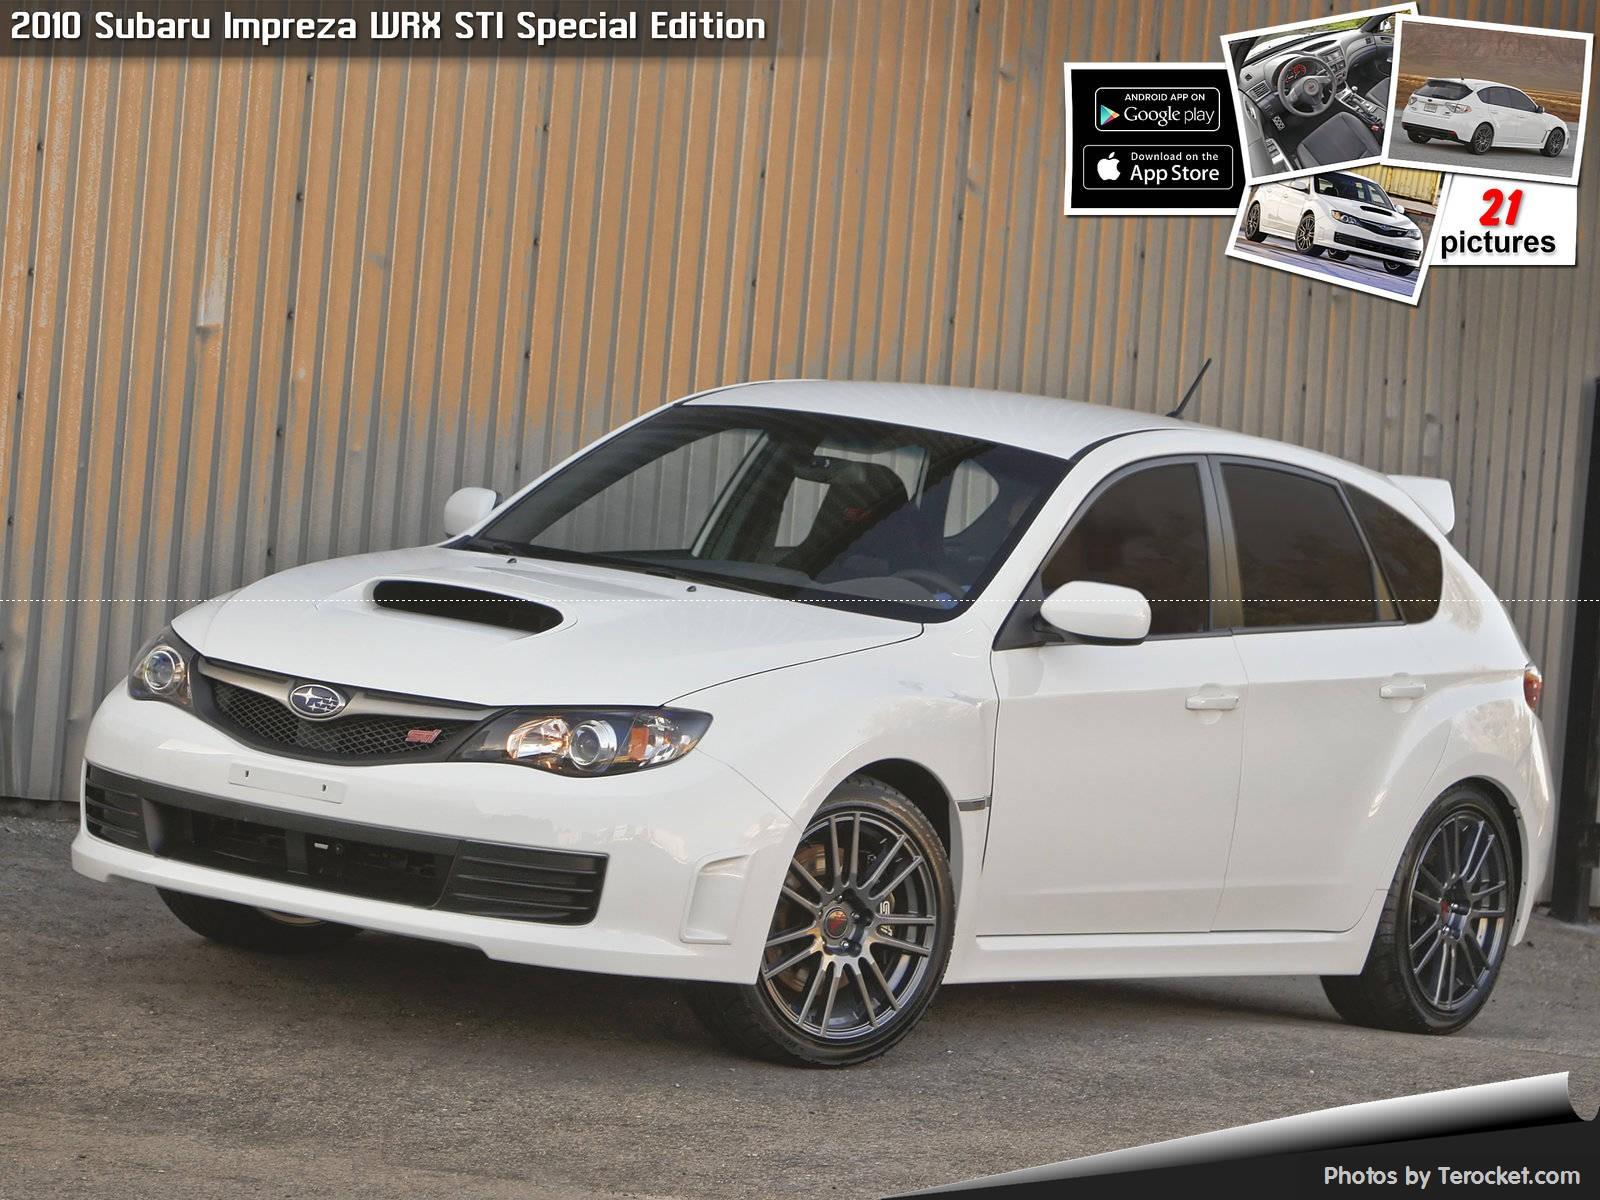 Hình ảnh xe ô tô Subaru Impreza WRX STI Special Edition 2010 & nội ngoại thất